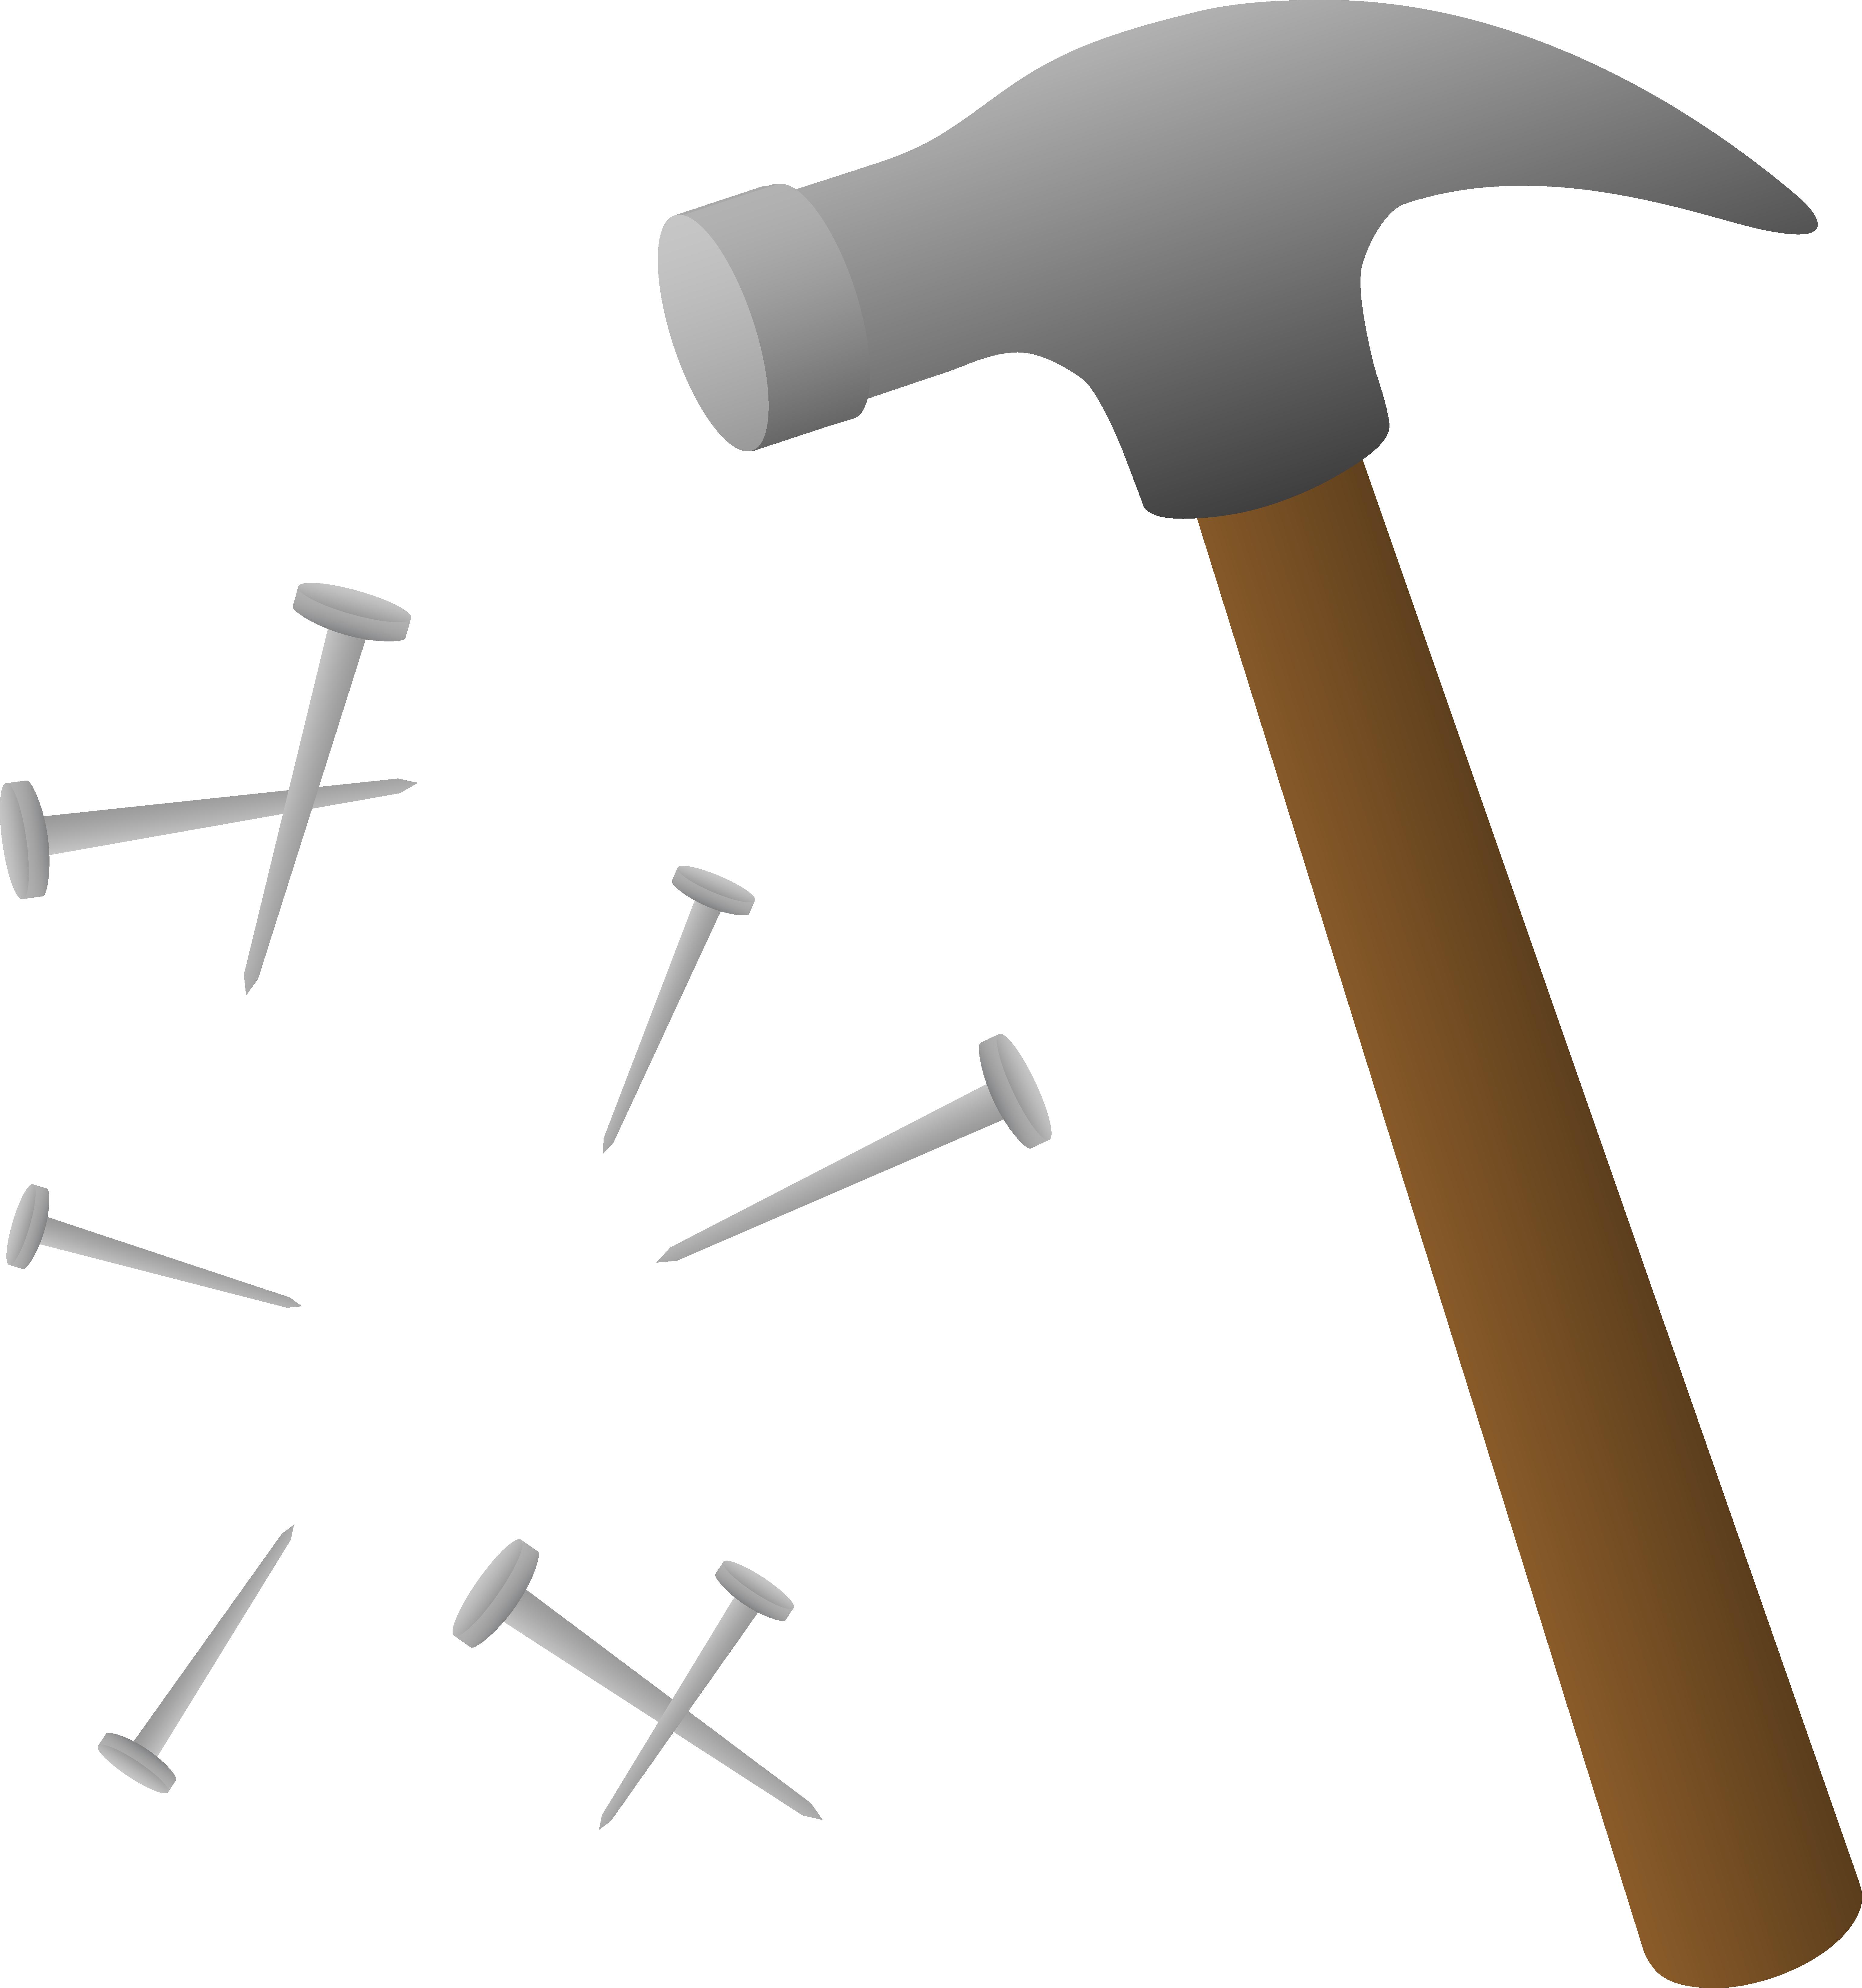 Construction Tools Clipart